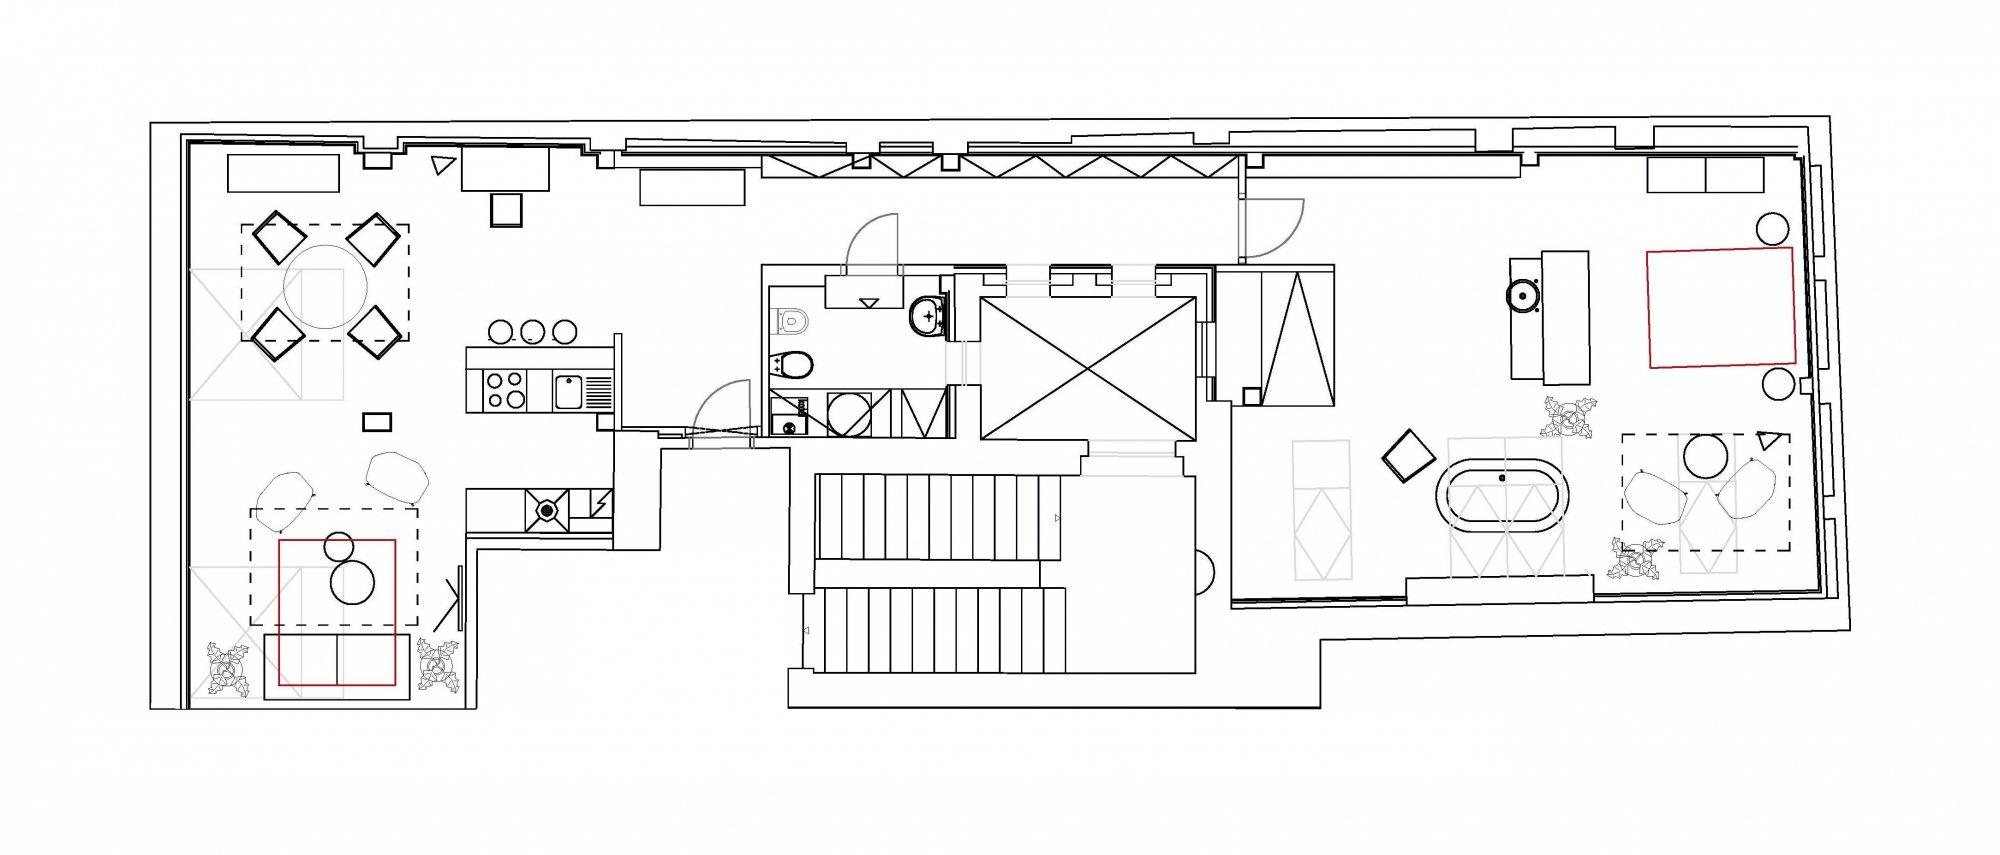 Půdorys - Půdní byt 2+kk, plocha 113 m², ulice Soukenická, Praha 1 - Nové Město